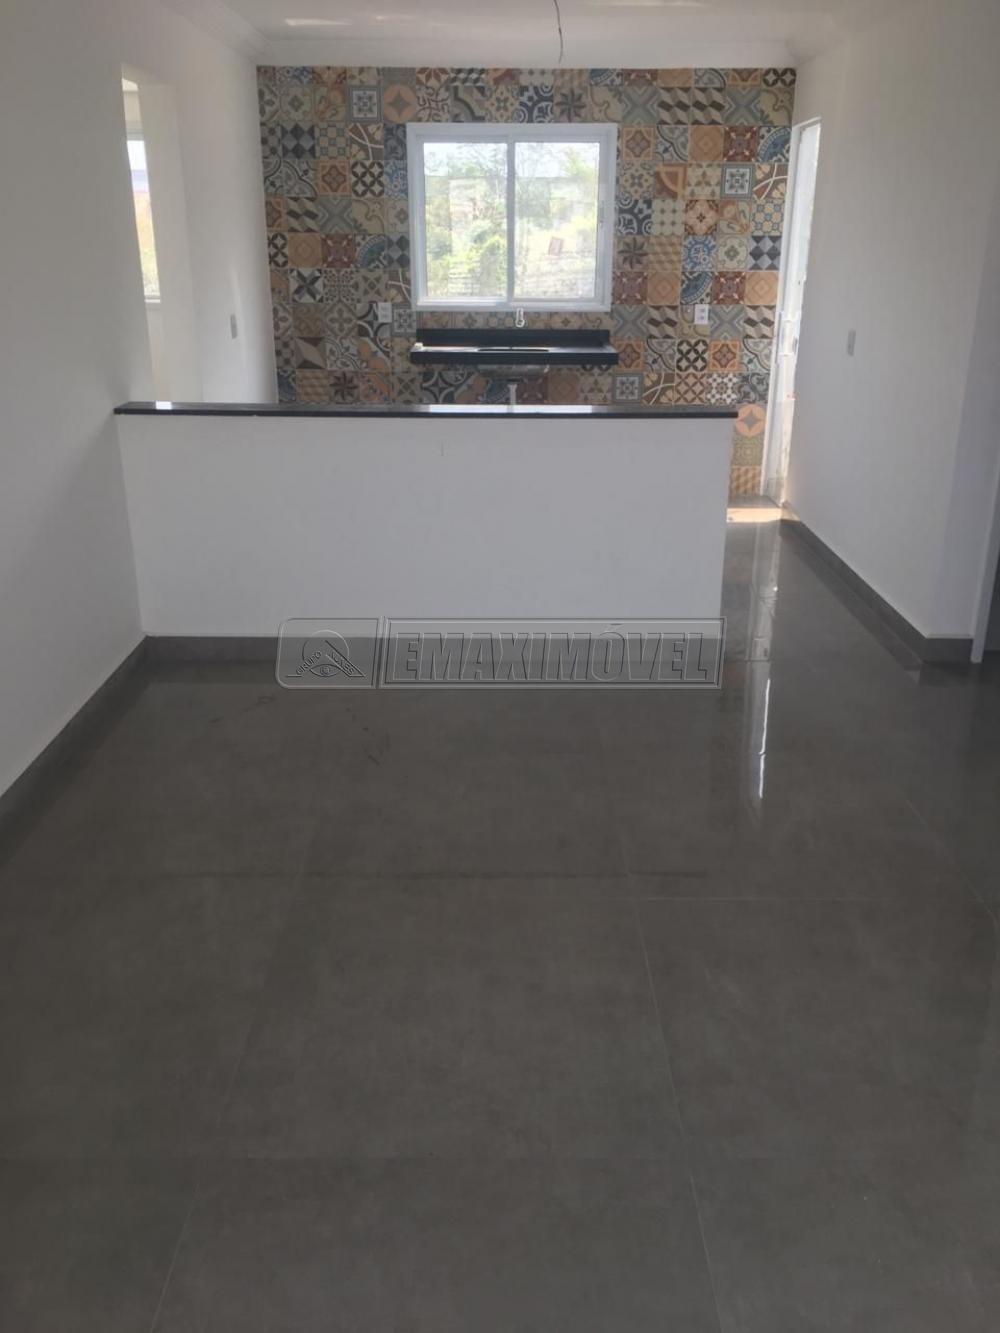 Comprar Apartamentos / Apto Padrão em Sorocaba apenas R$ 280.000,00 - Foto 2